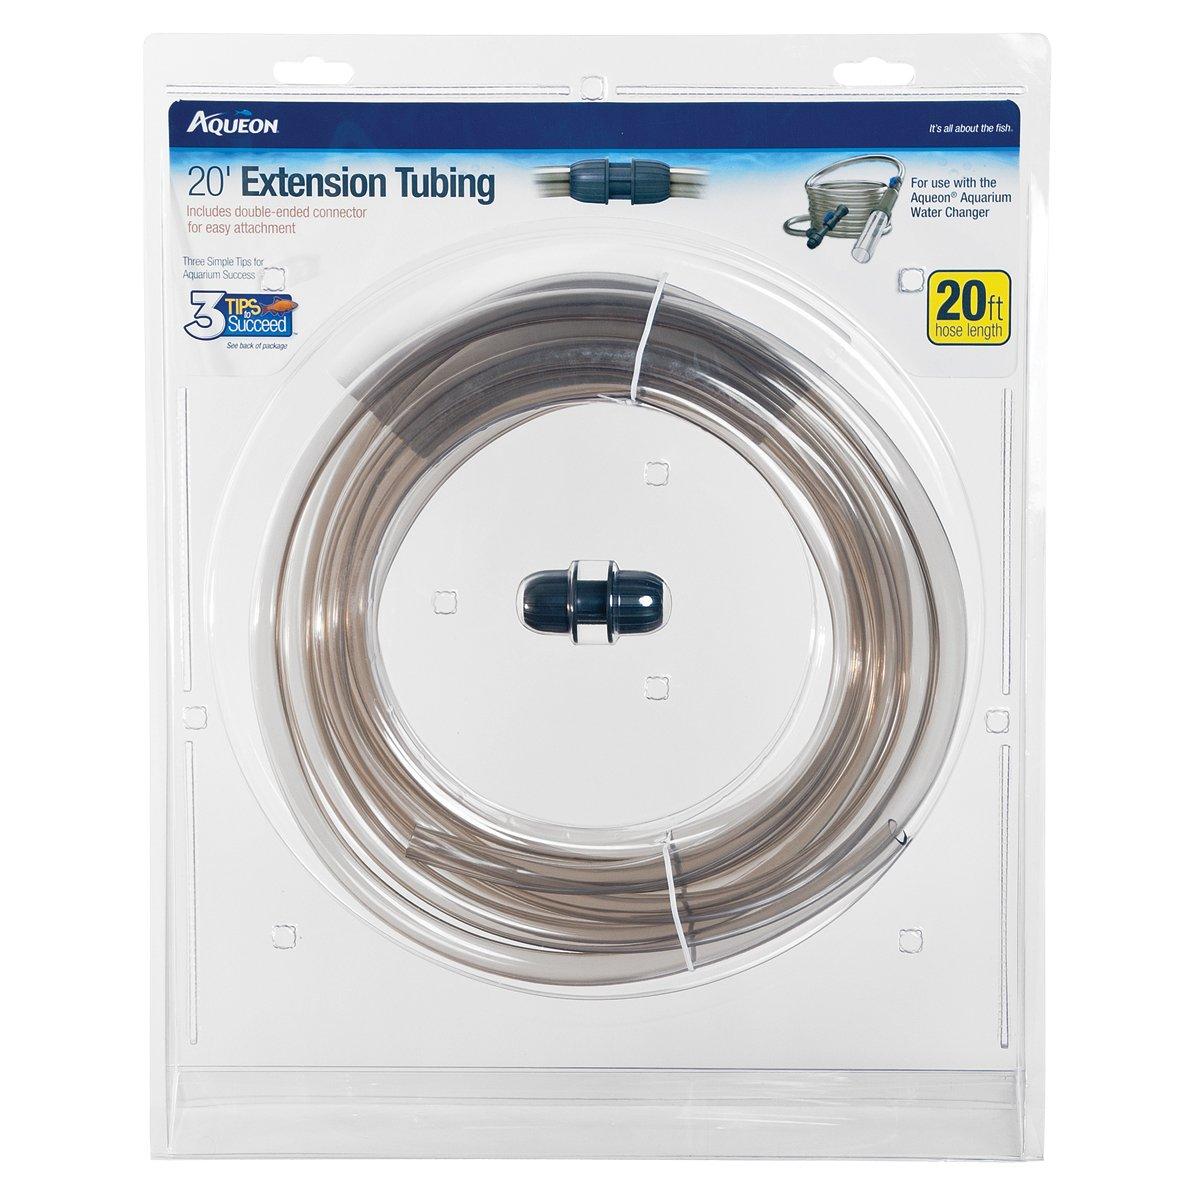 Amazon.com : Aqueon Aquarium Water Changer Extension Tubing, 20-Foot ...